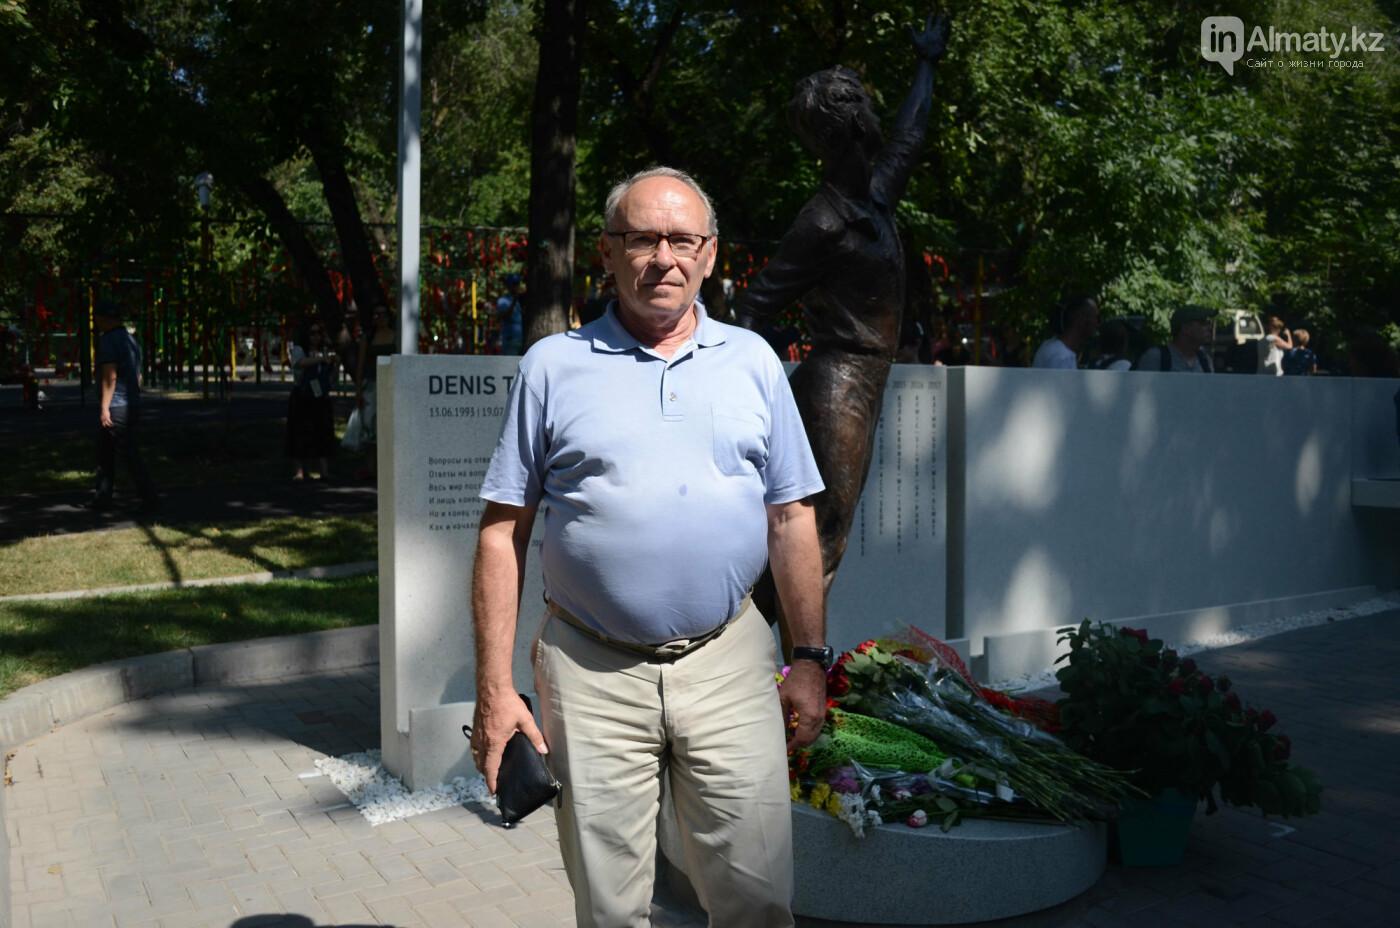 Родственники Дениса Тена и звезды фигурного катания почтили память фигуриста в Алматы, фото-15